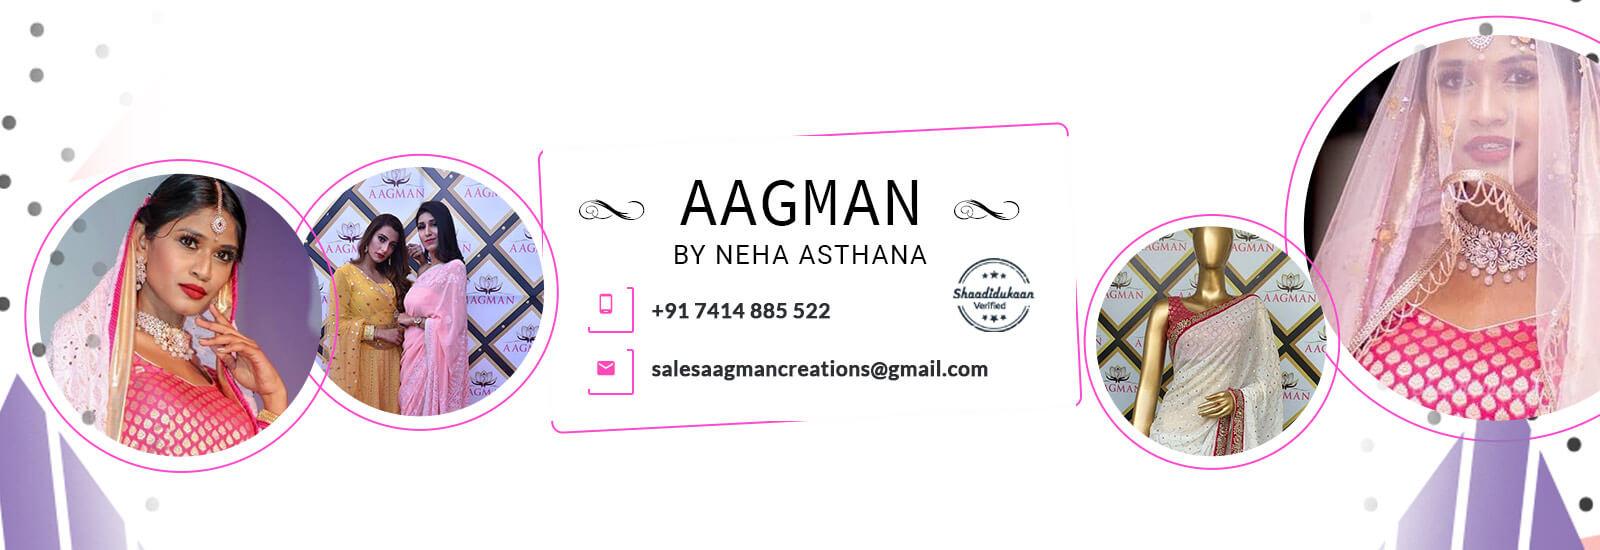 AAGMAN by Neha Asthana